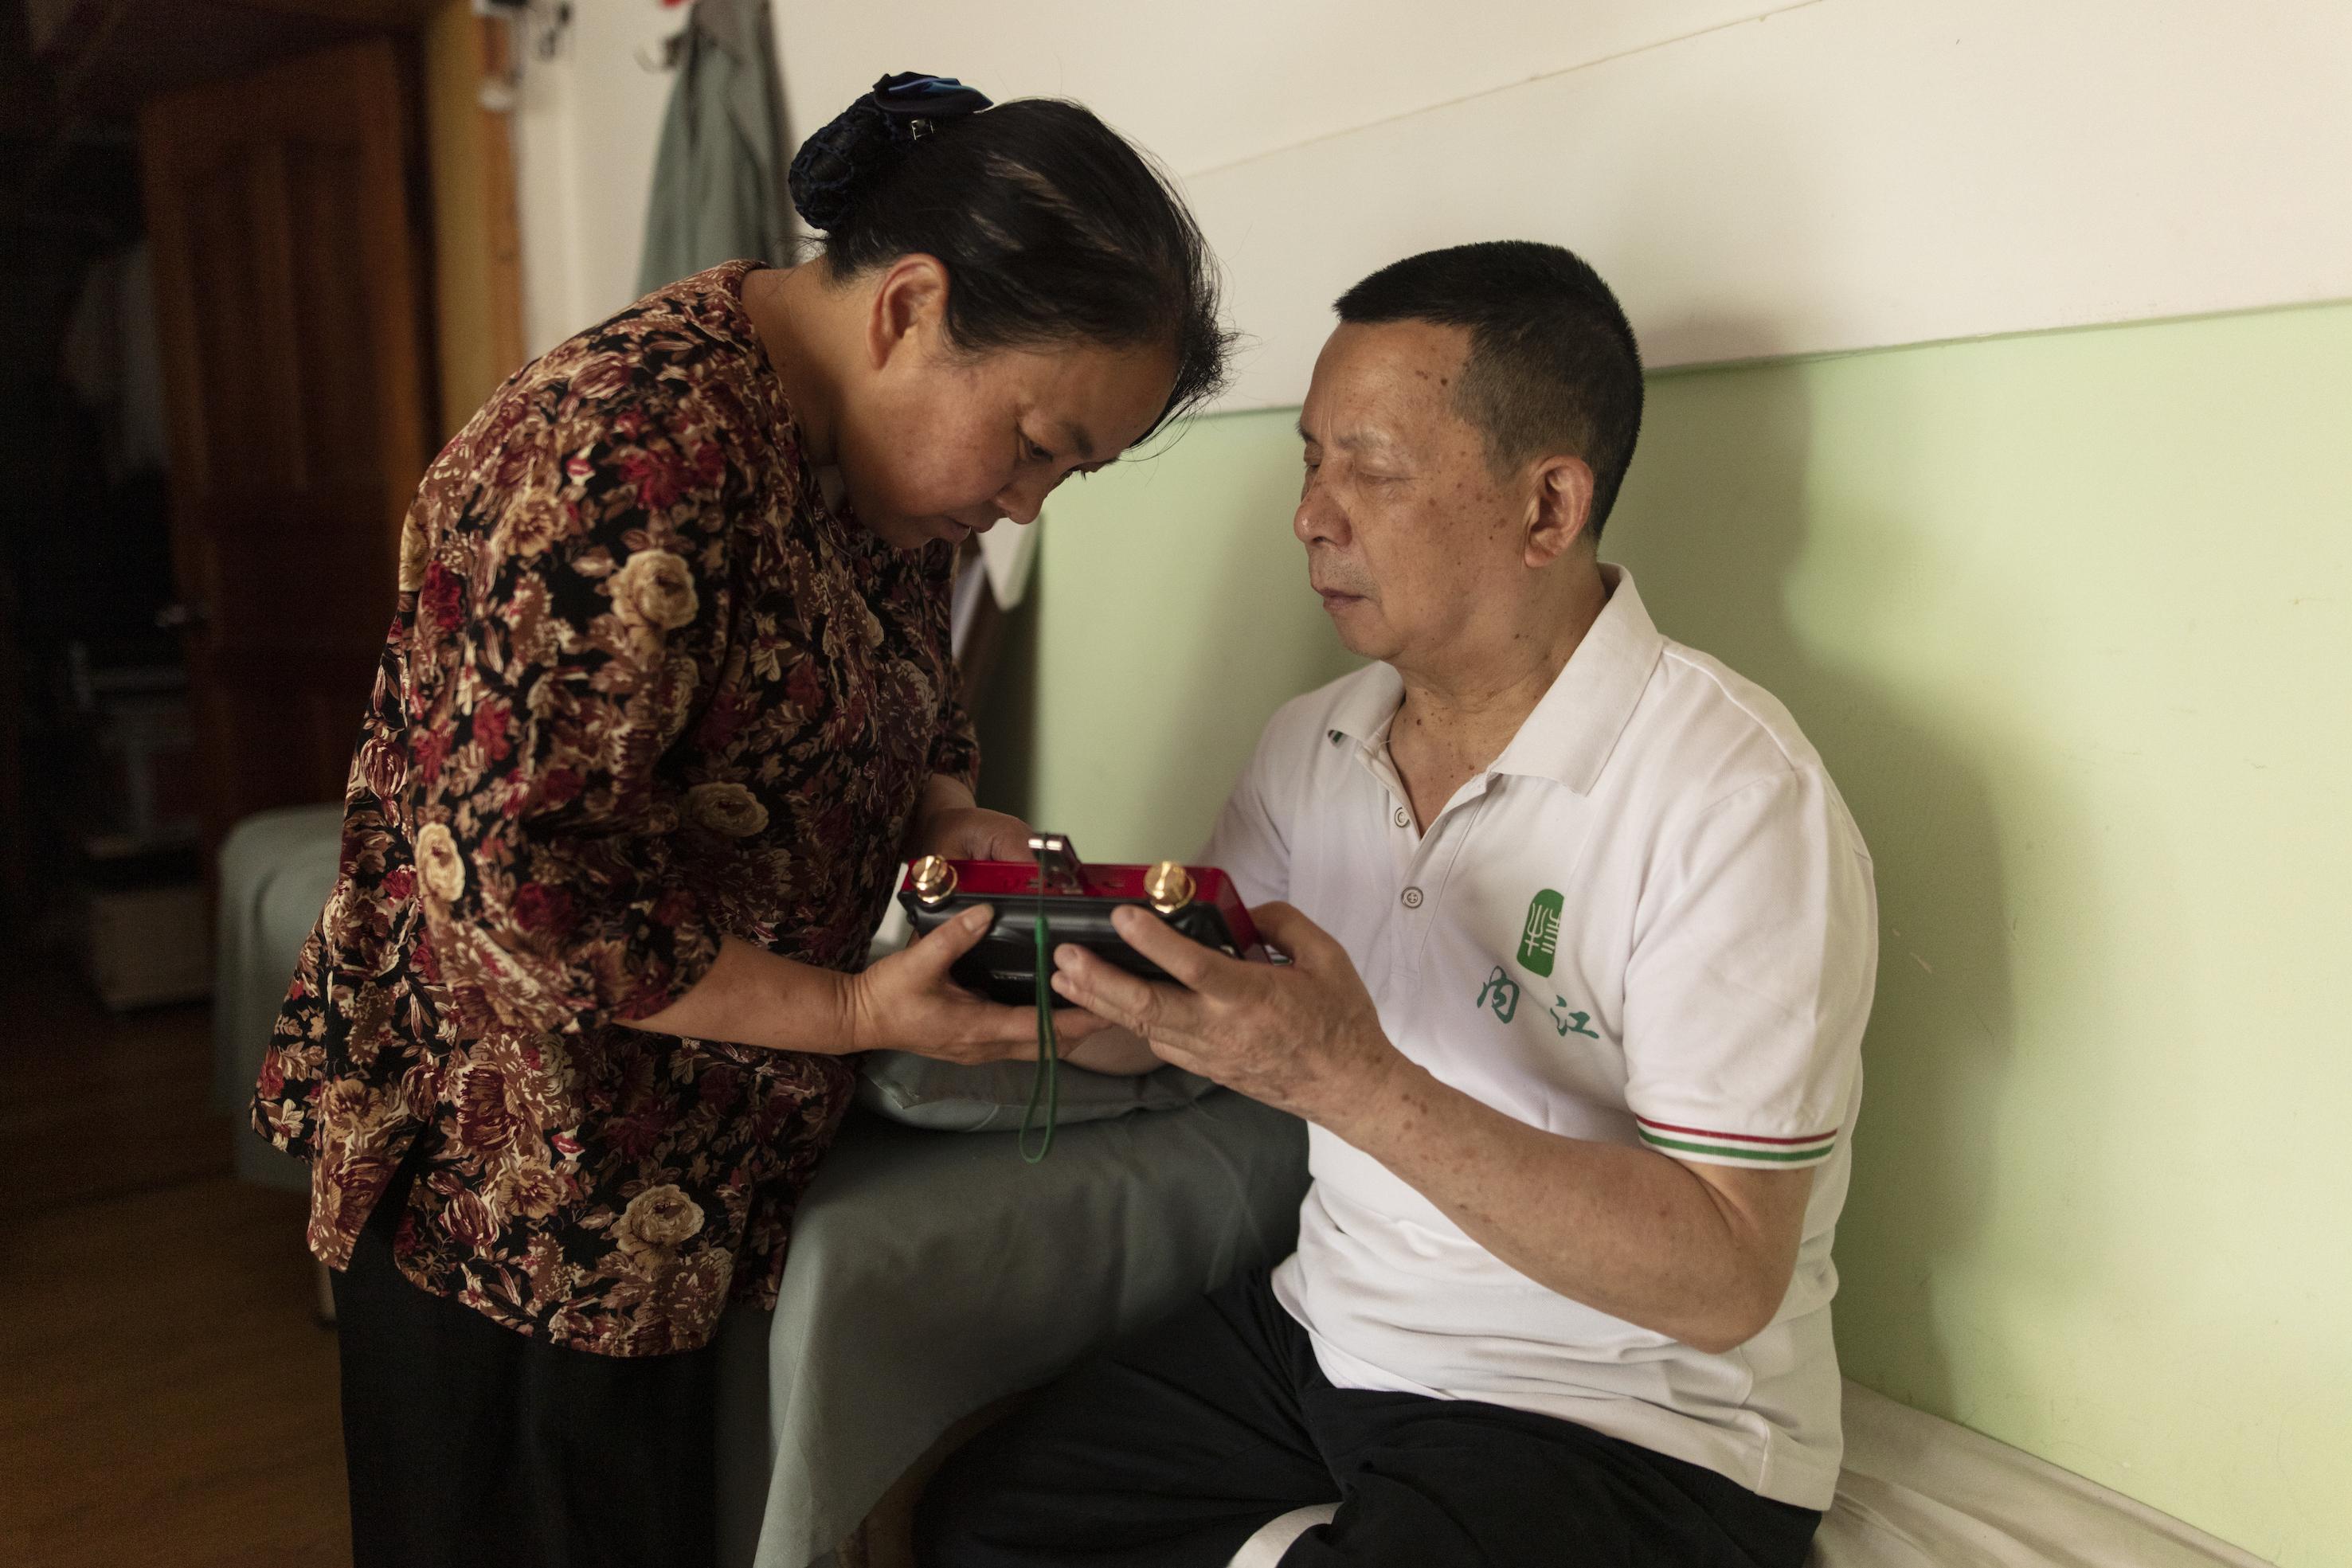 冯懿萍帮助张世维在播放机器上听乐队上次演出的视频资料,现在冯懿萍就是张世维的眼睛,照顾他日常起居、照顾乐队排练,收集整理乐队资料,对外沟通。